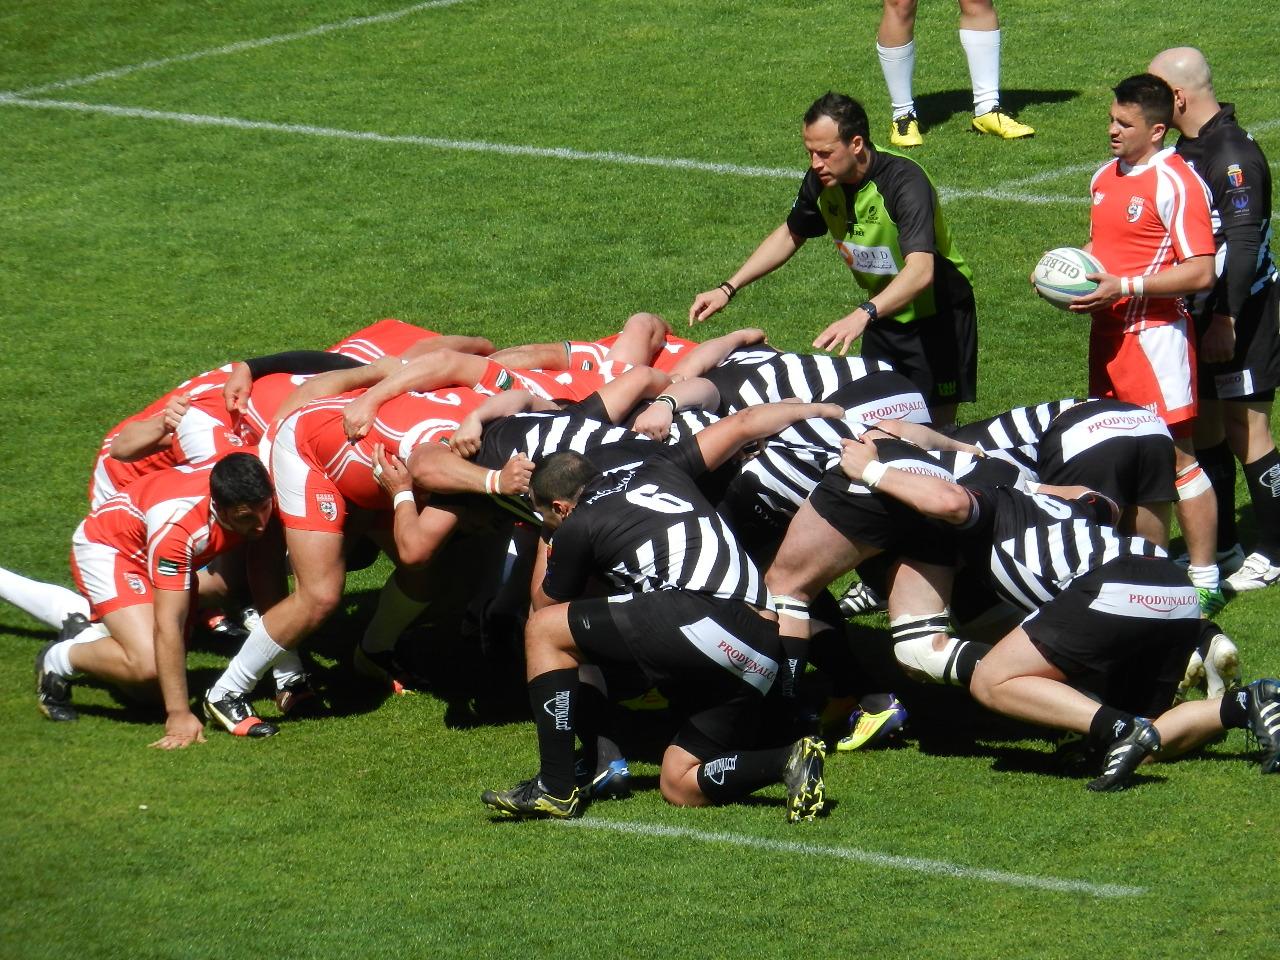 Înfrângere dramatică în primul meci din play-out pentru rugbyiști